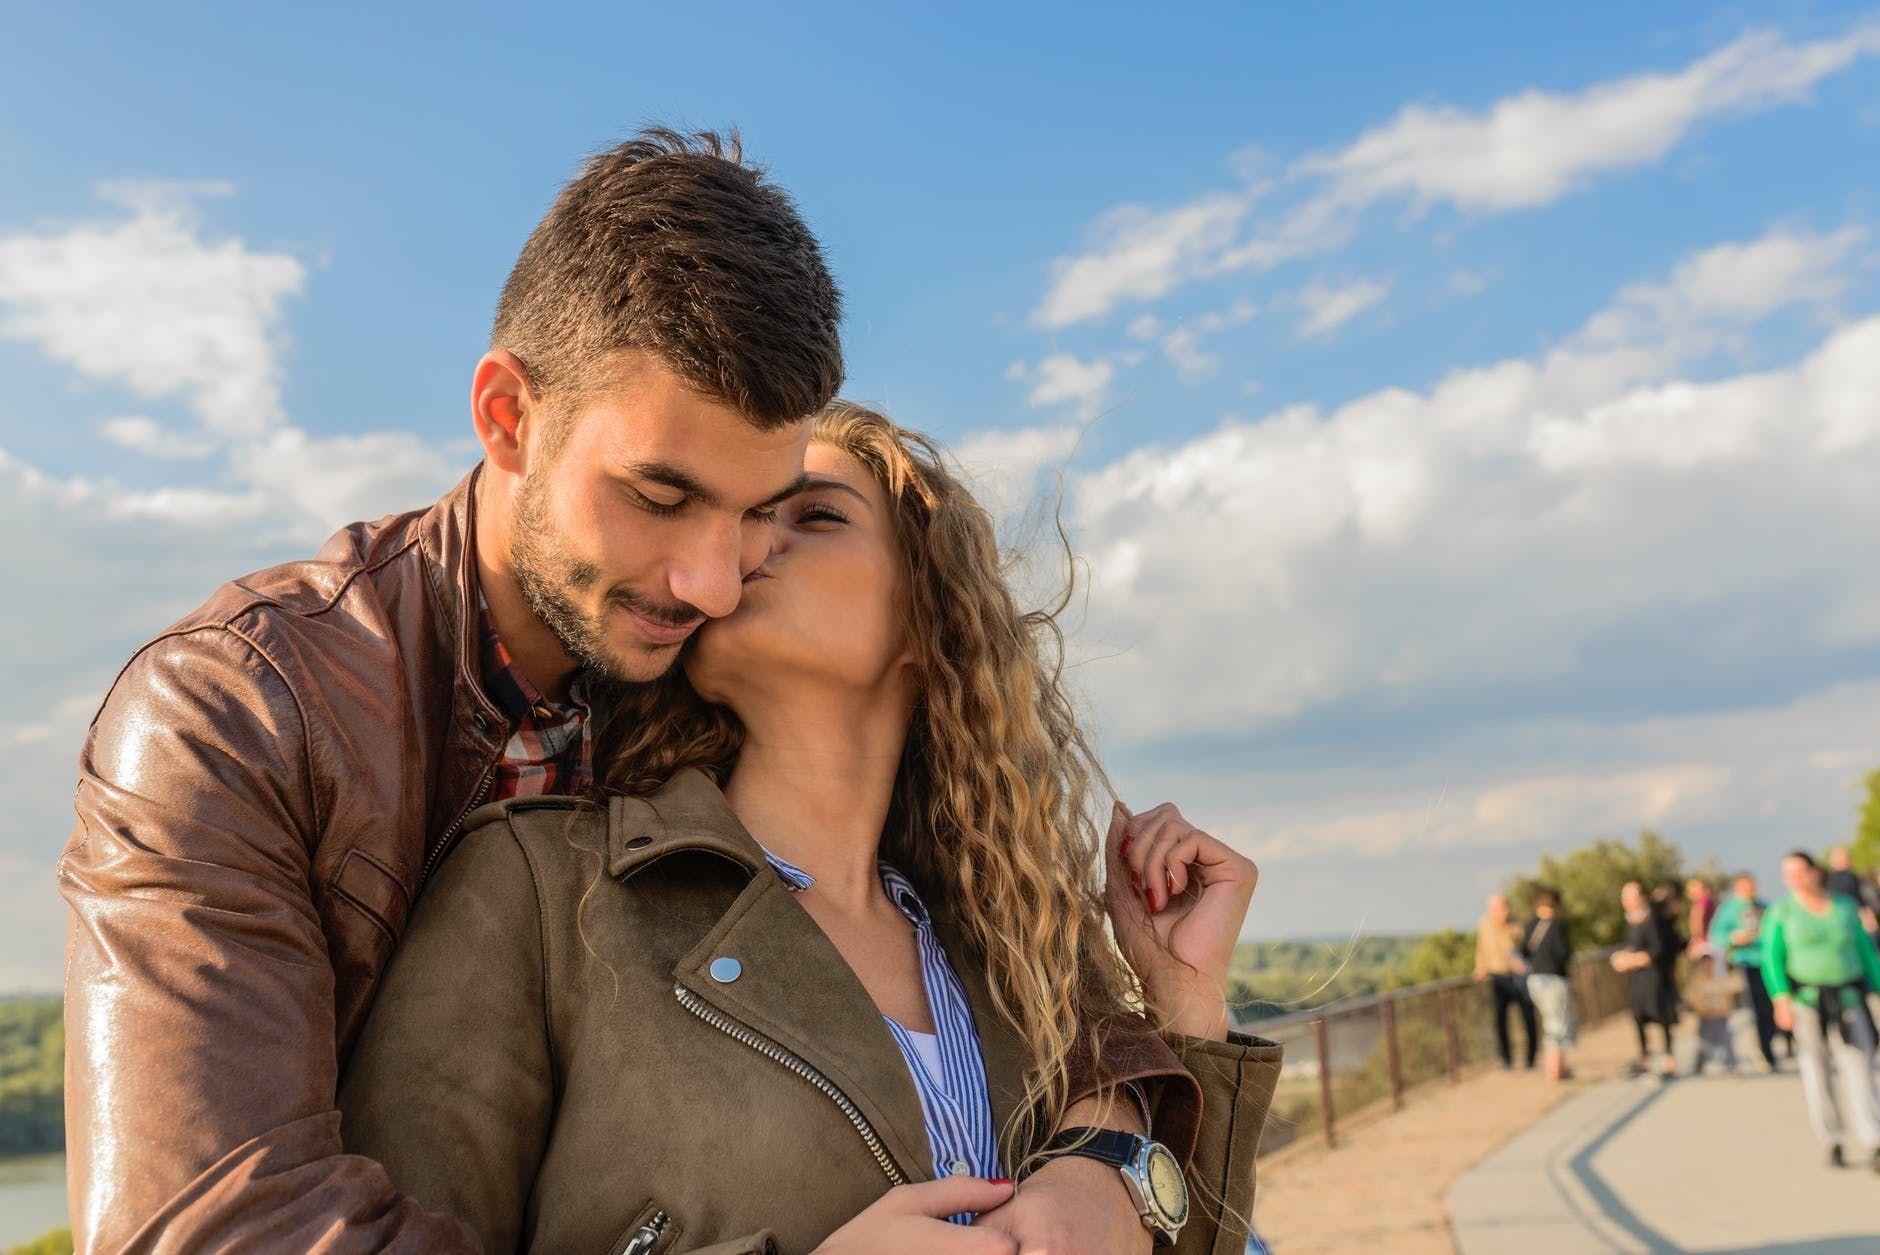 Jatuh Cinta pada Pandangan Pertama, Ini Ramalan Cinta Libra Tahun 2019